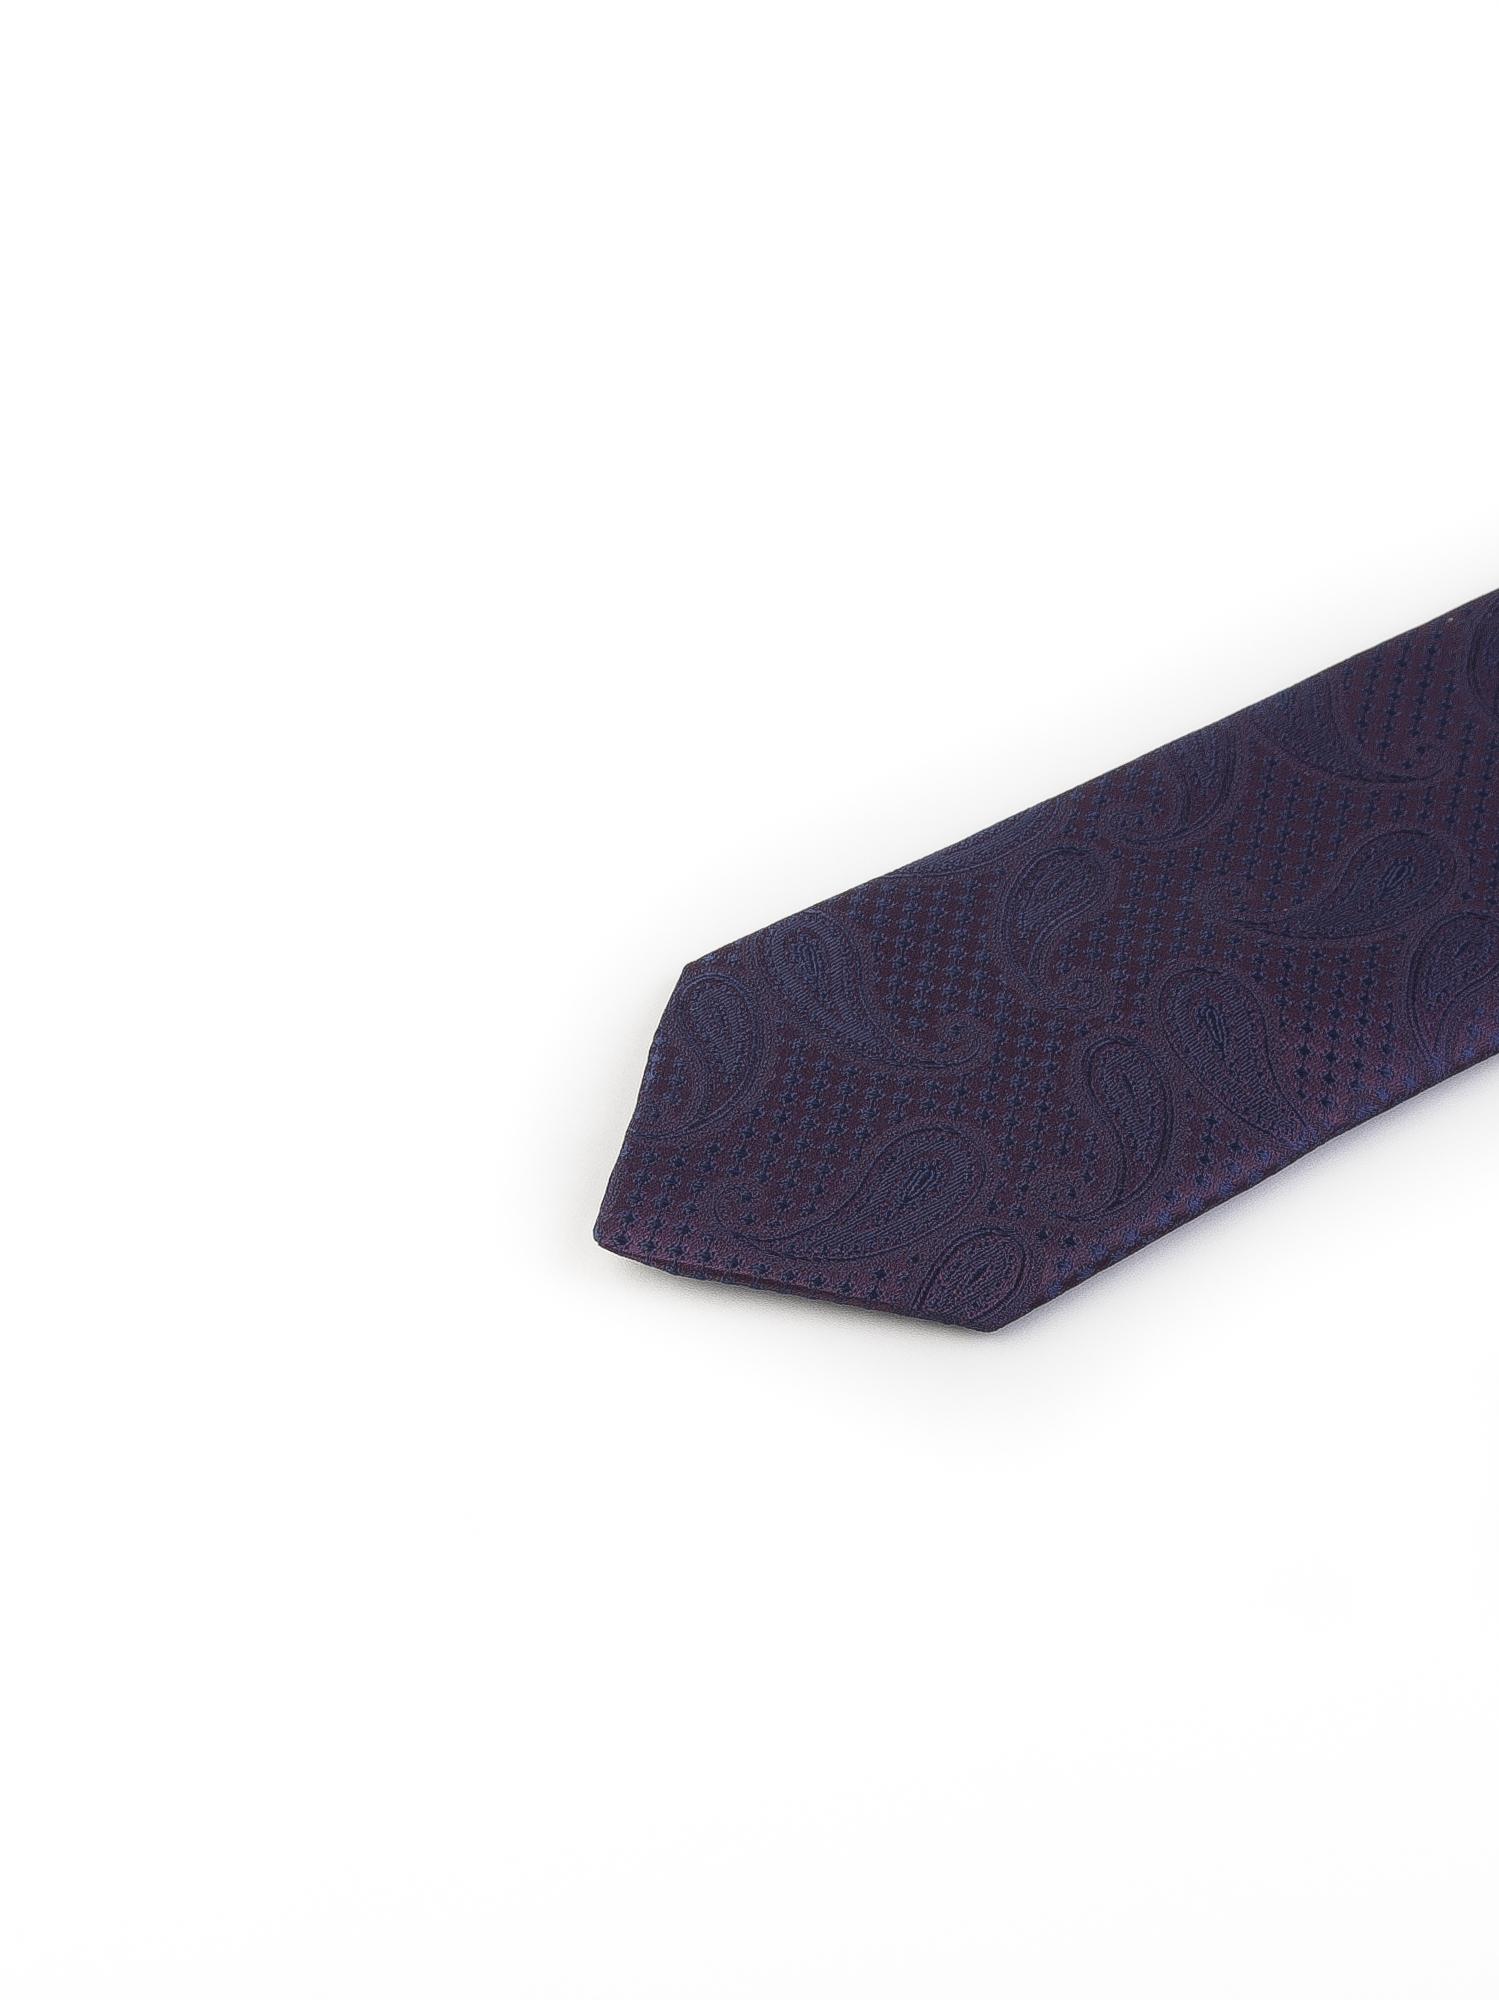 کراوات ابریشمی طرح دار مردانه Gianfranco کد T1005